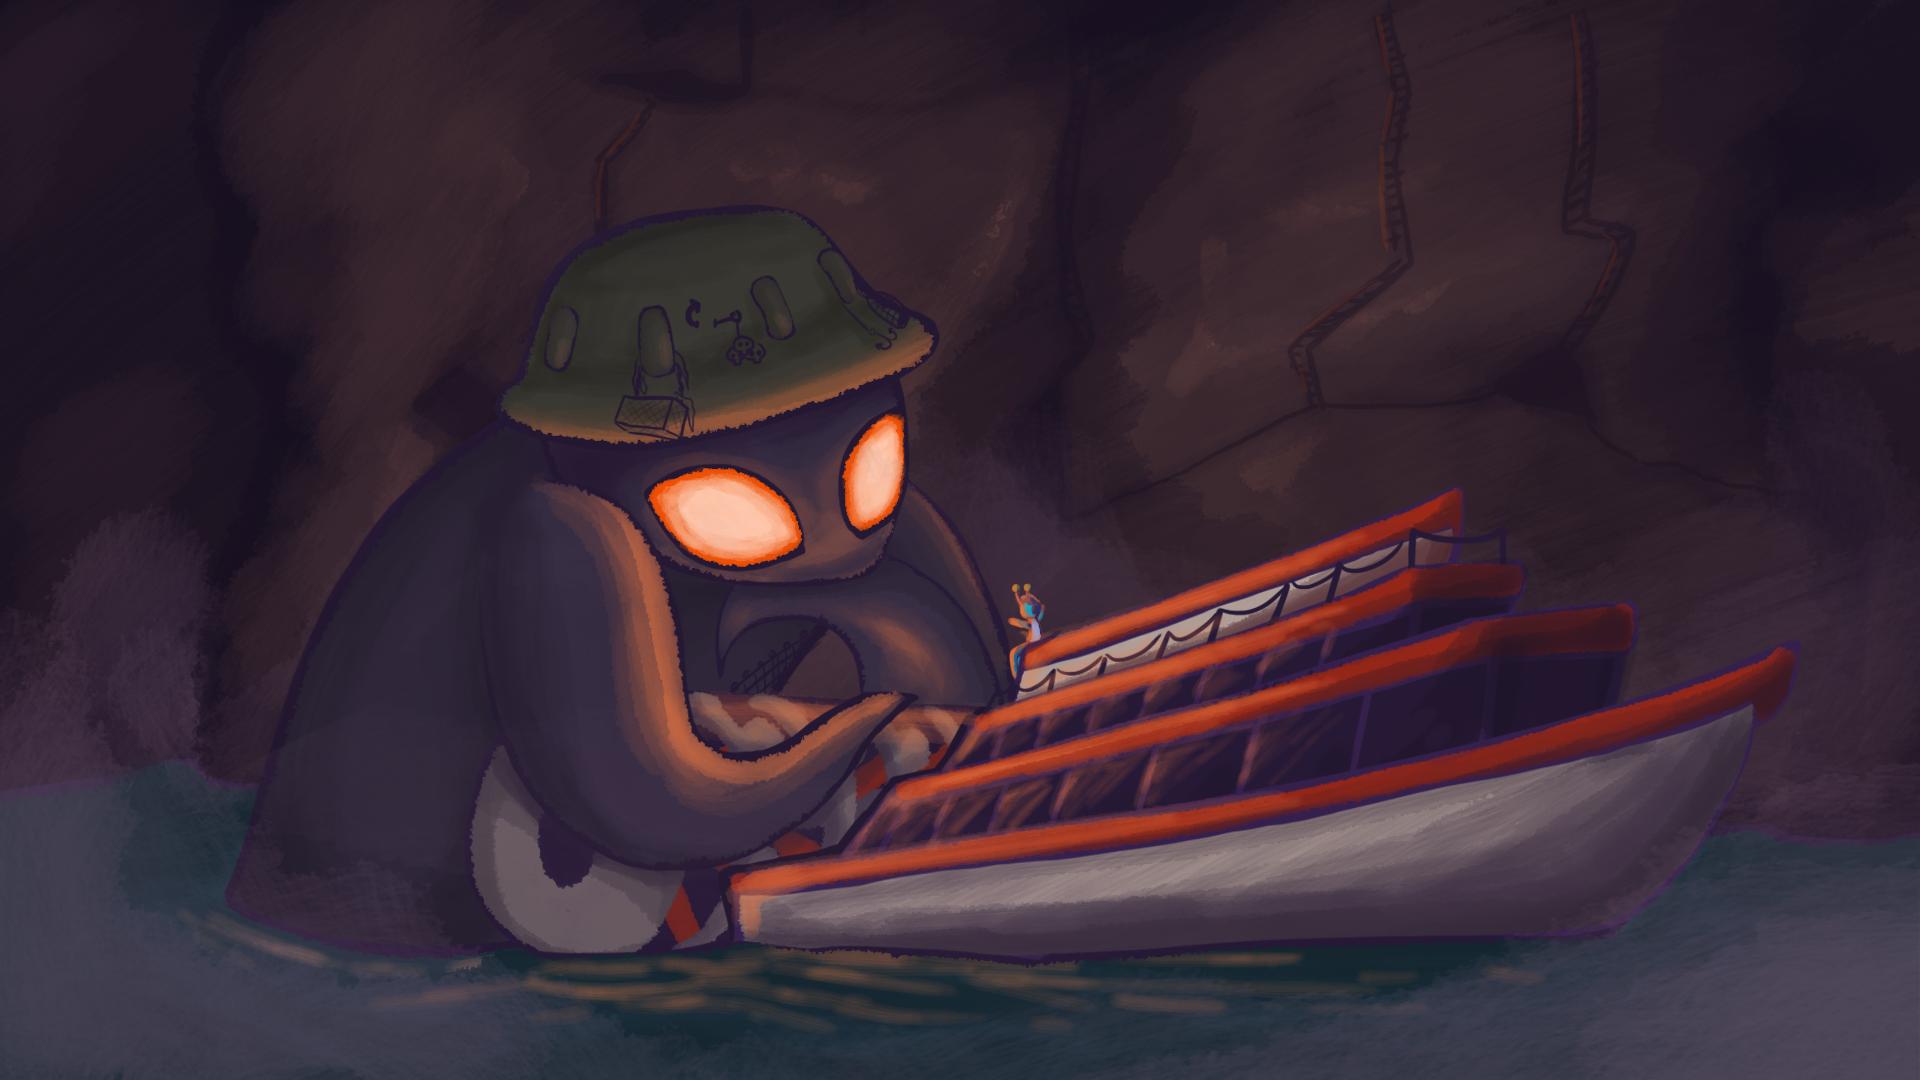 Ildra vents to the Boatman.